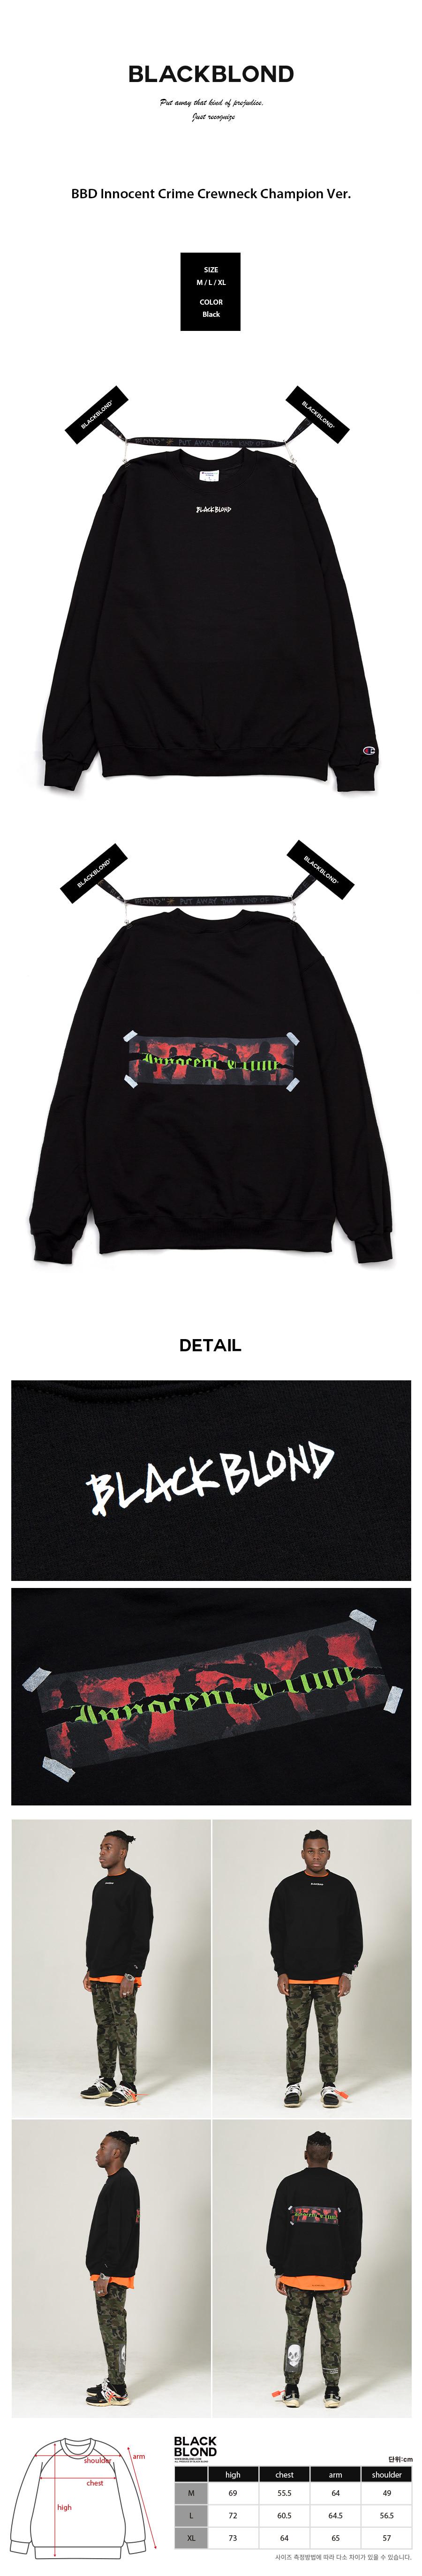 블랙블론드 BLACKBLOND - BBD Innocent Crime Crewneck Champion Ver. (Black)